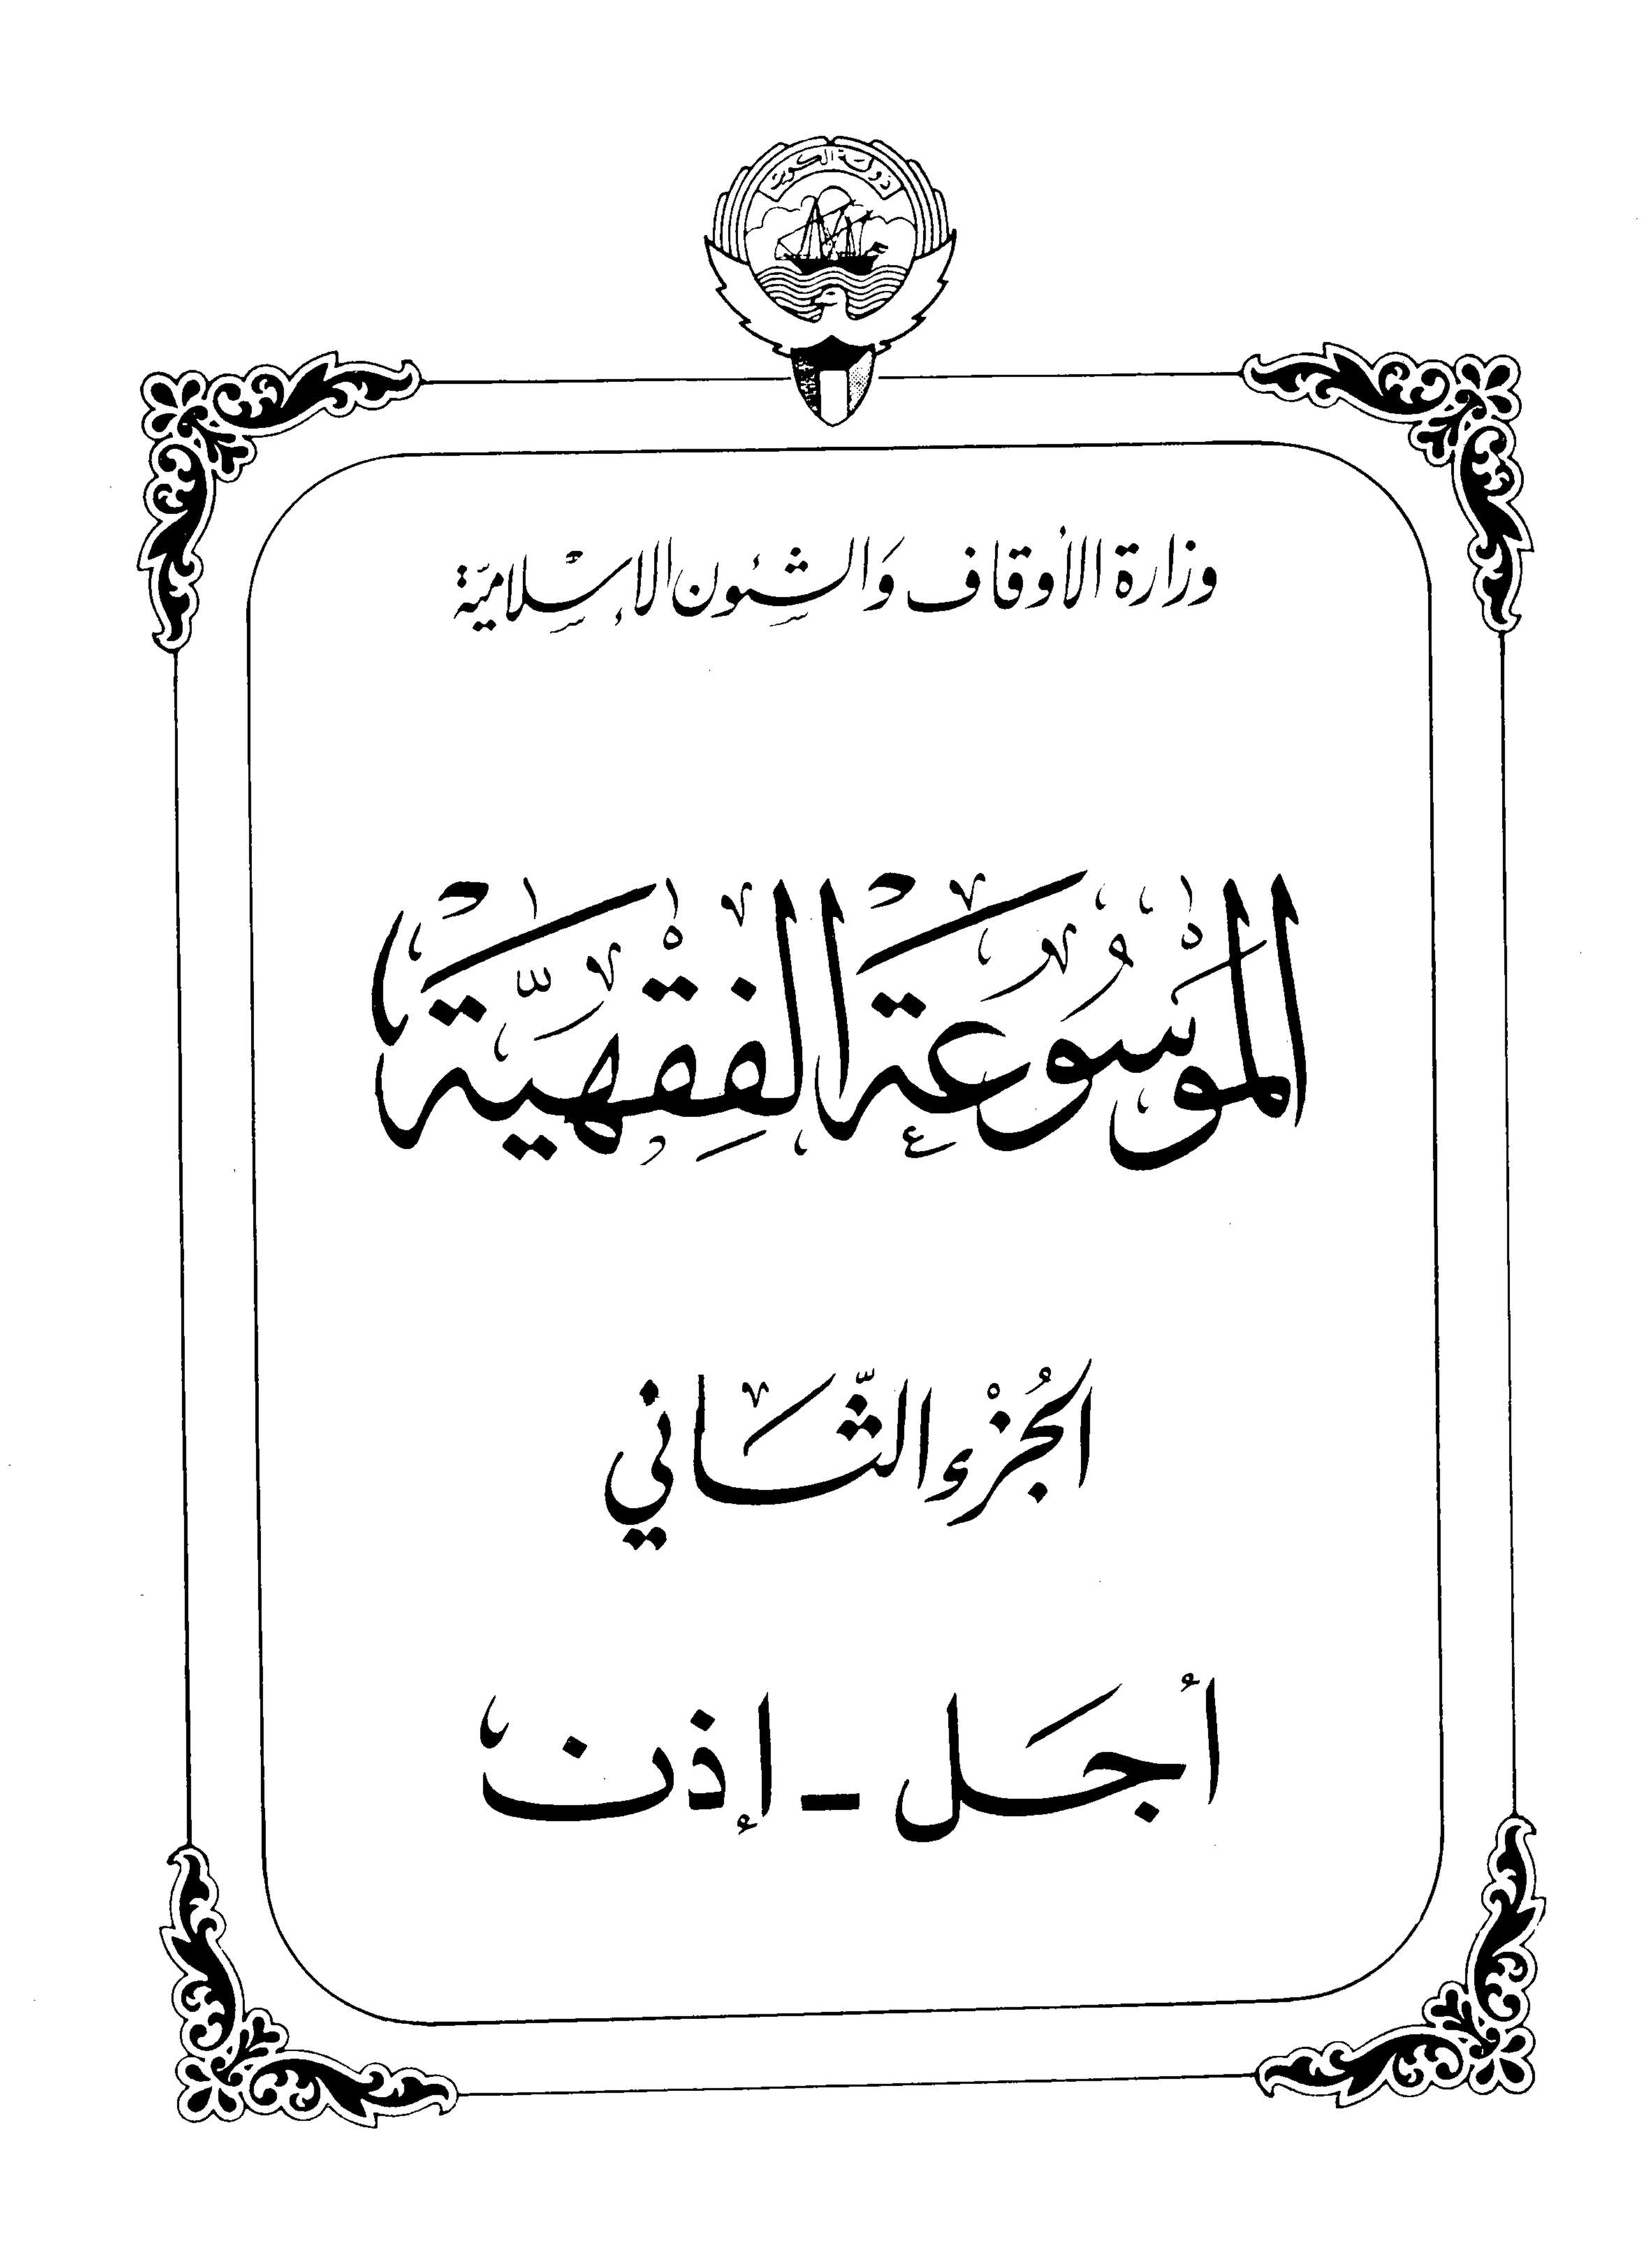 الموسوعة الفقهية الكويتية الجزء الثاني (أجل - إذن)